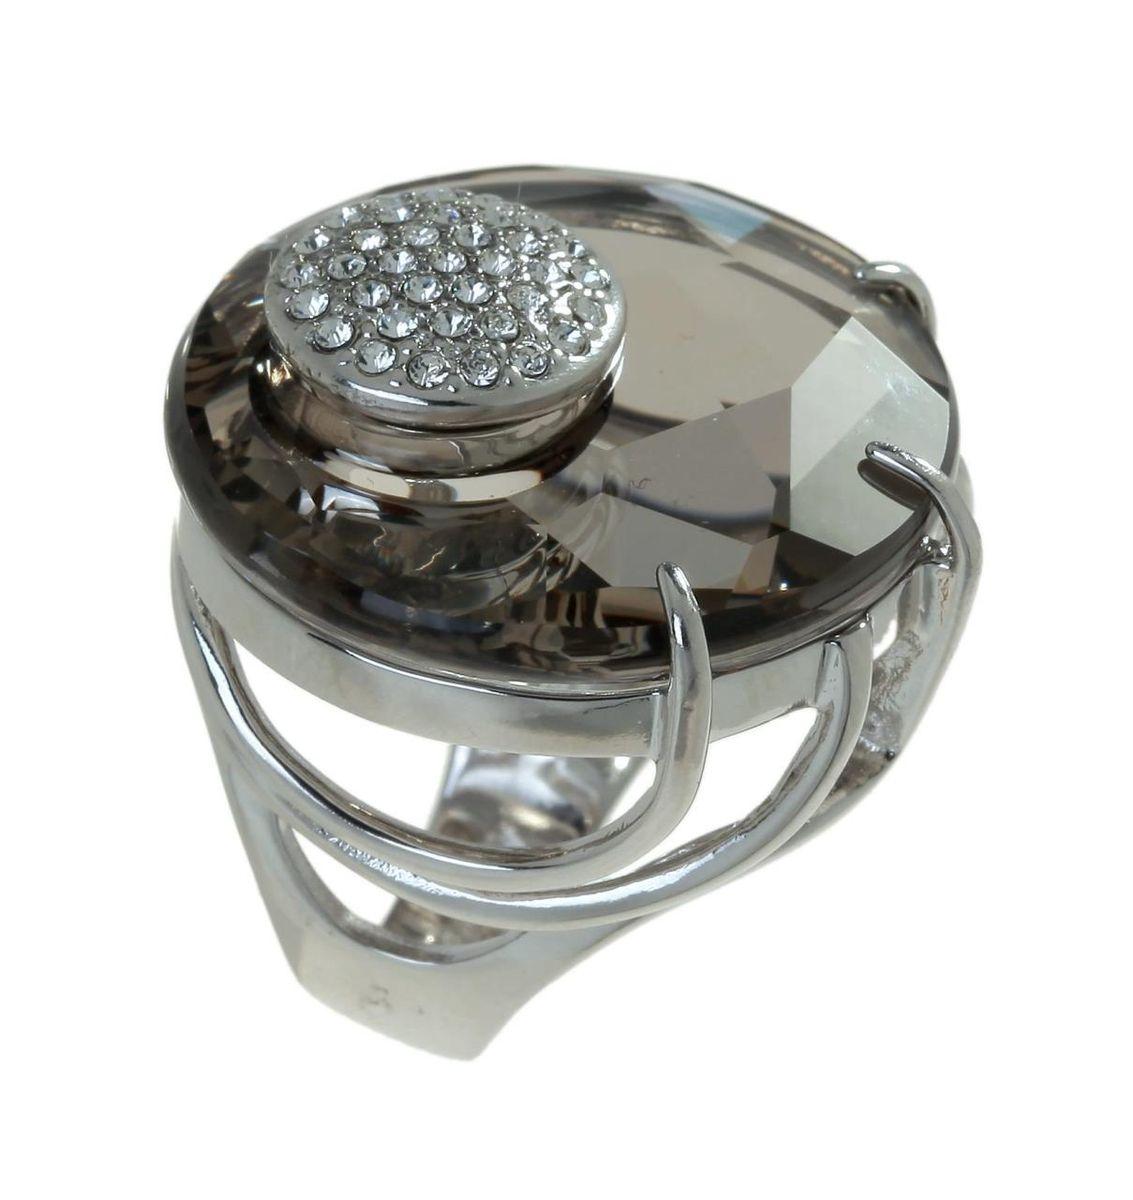 Кольцо Jenavi Коллекция Bubbles Ятру, цвет: серебряный, серый. j704f066. Размер 20j704f066Коллекция Bubbles, Ятру (Кольцо) гипоаллергенный ювелирный сплав,Серебрение c род. , вставка Кристаллы Swarovski , цвет - серебряный, серый, размер - 20 избегать взаимодействия с водой и химическими средствами